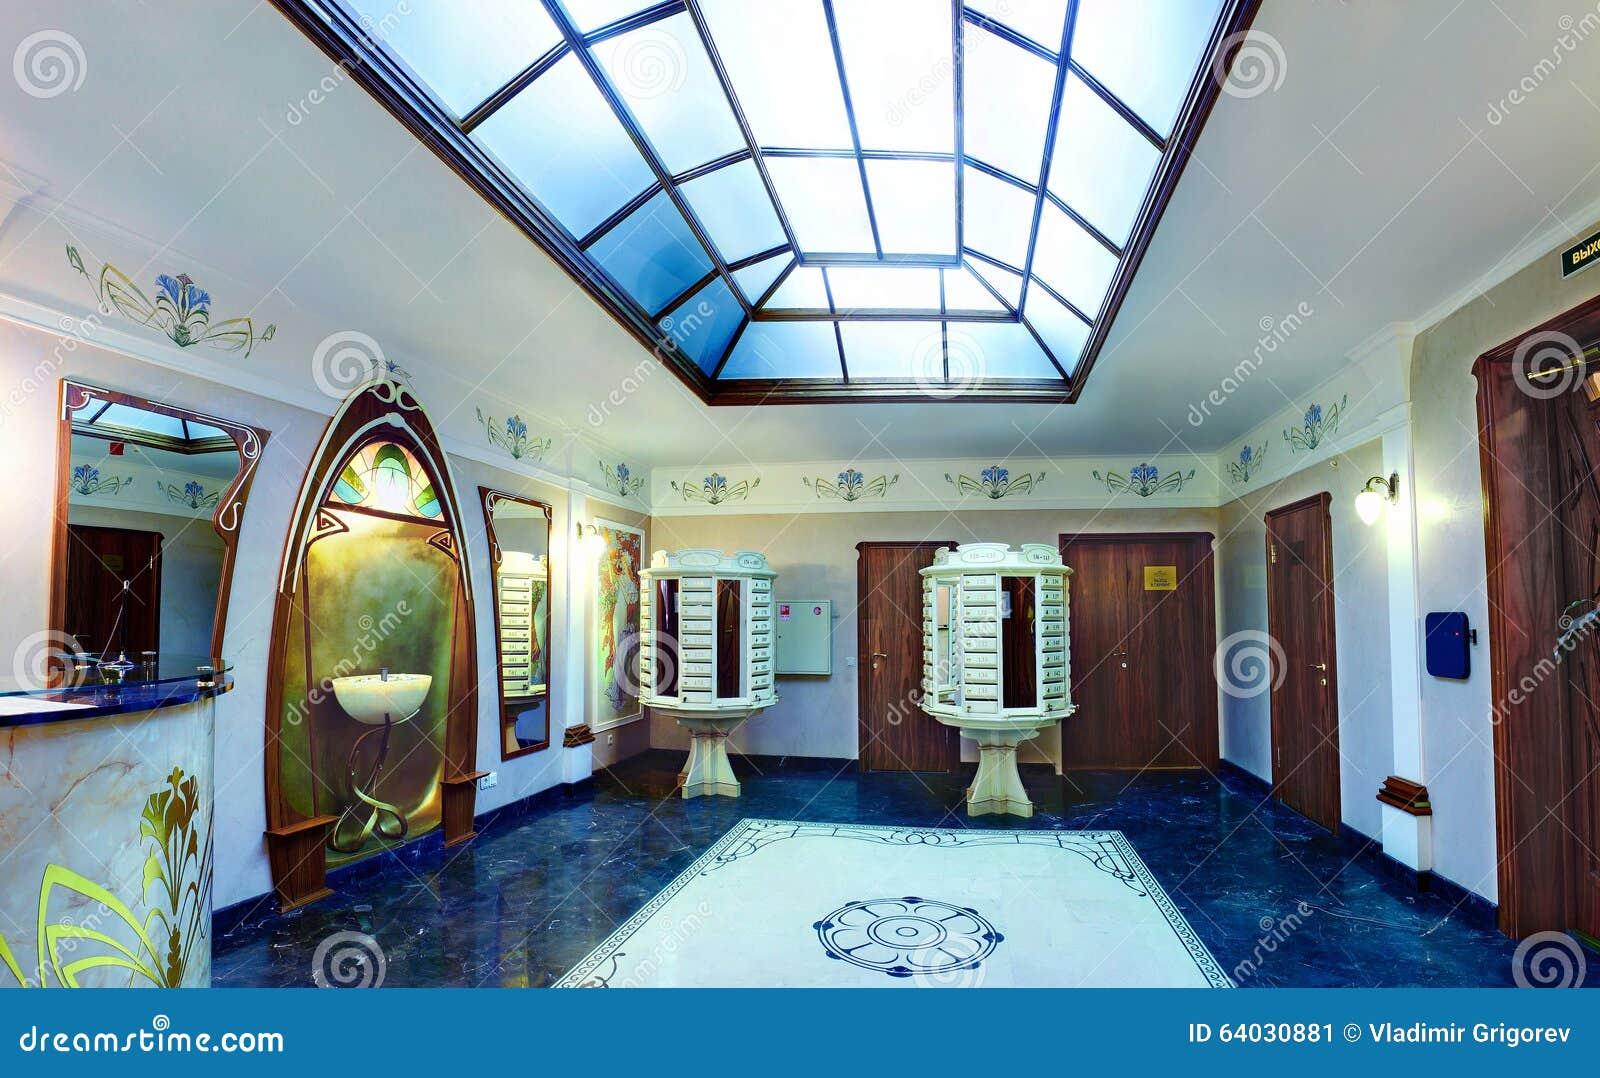 De hal is ingang aan luxe woonhuis flat buildin redactionele foto